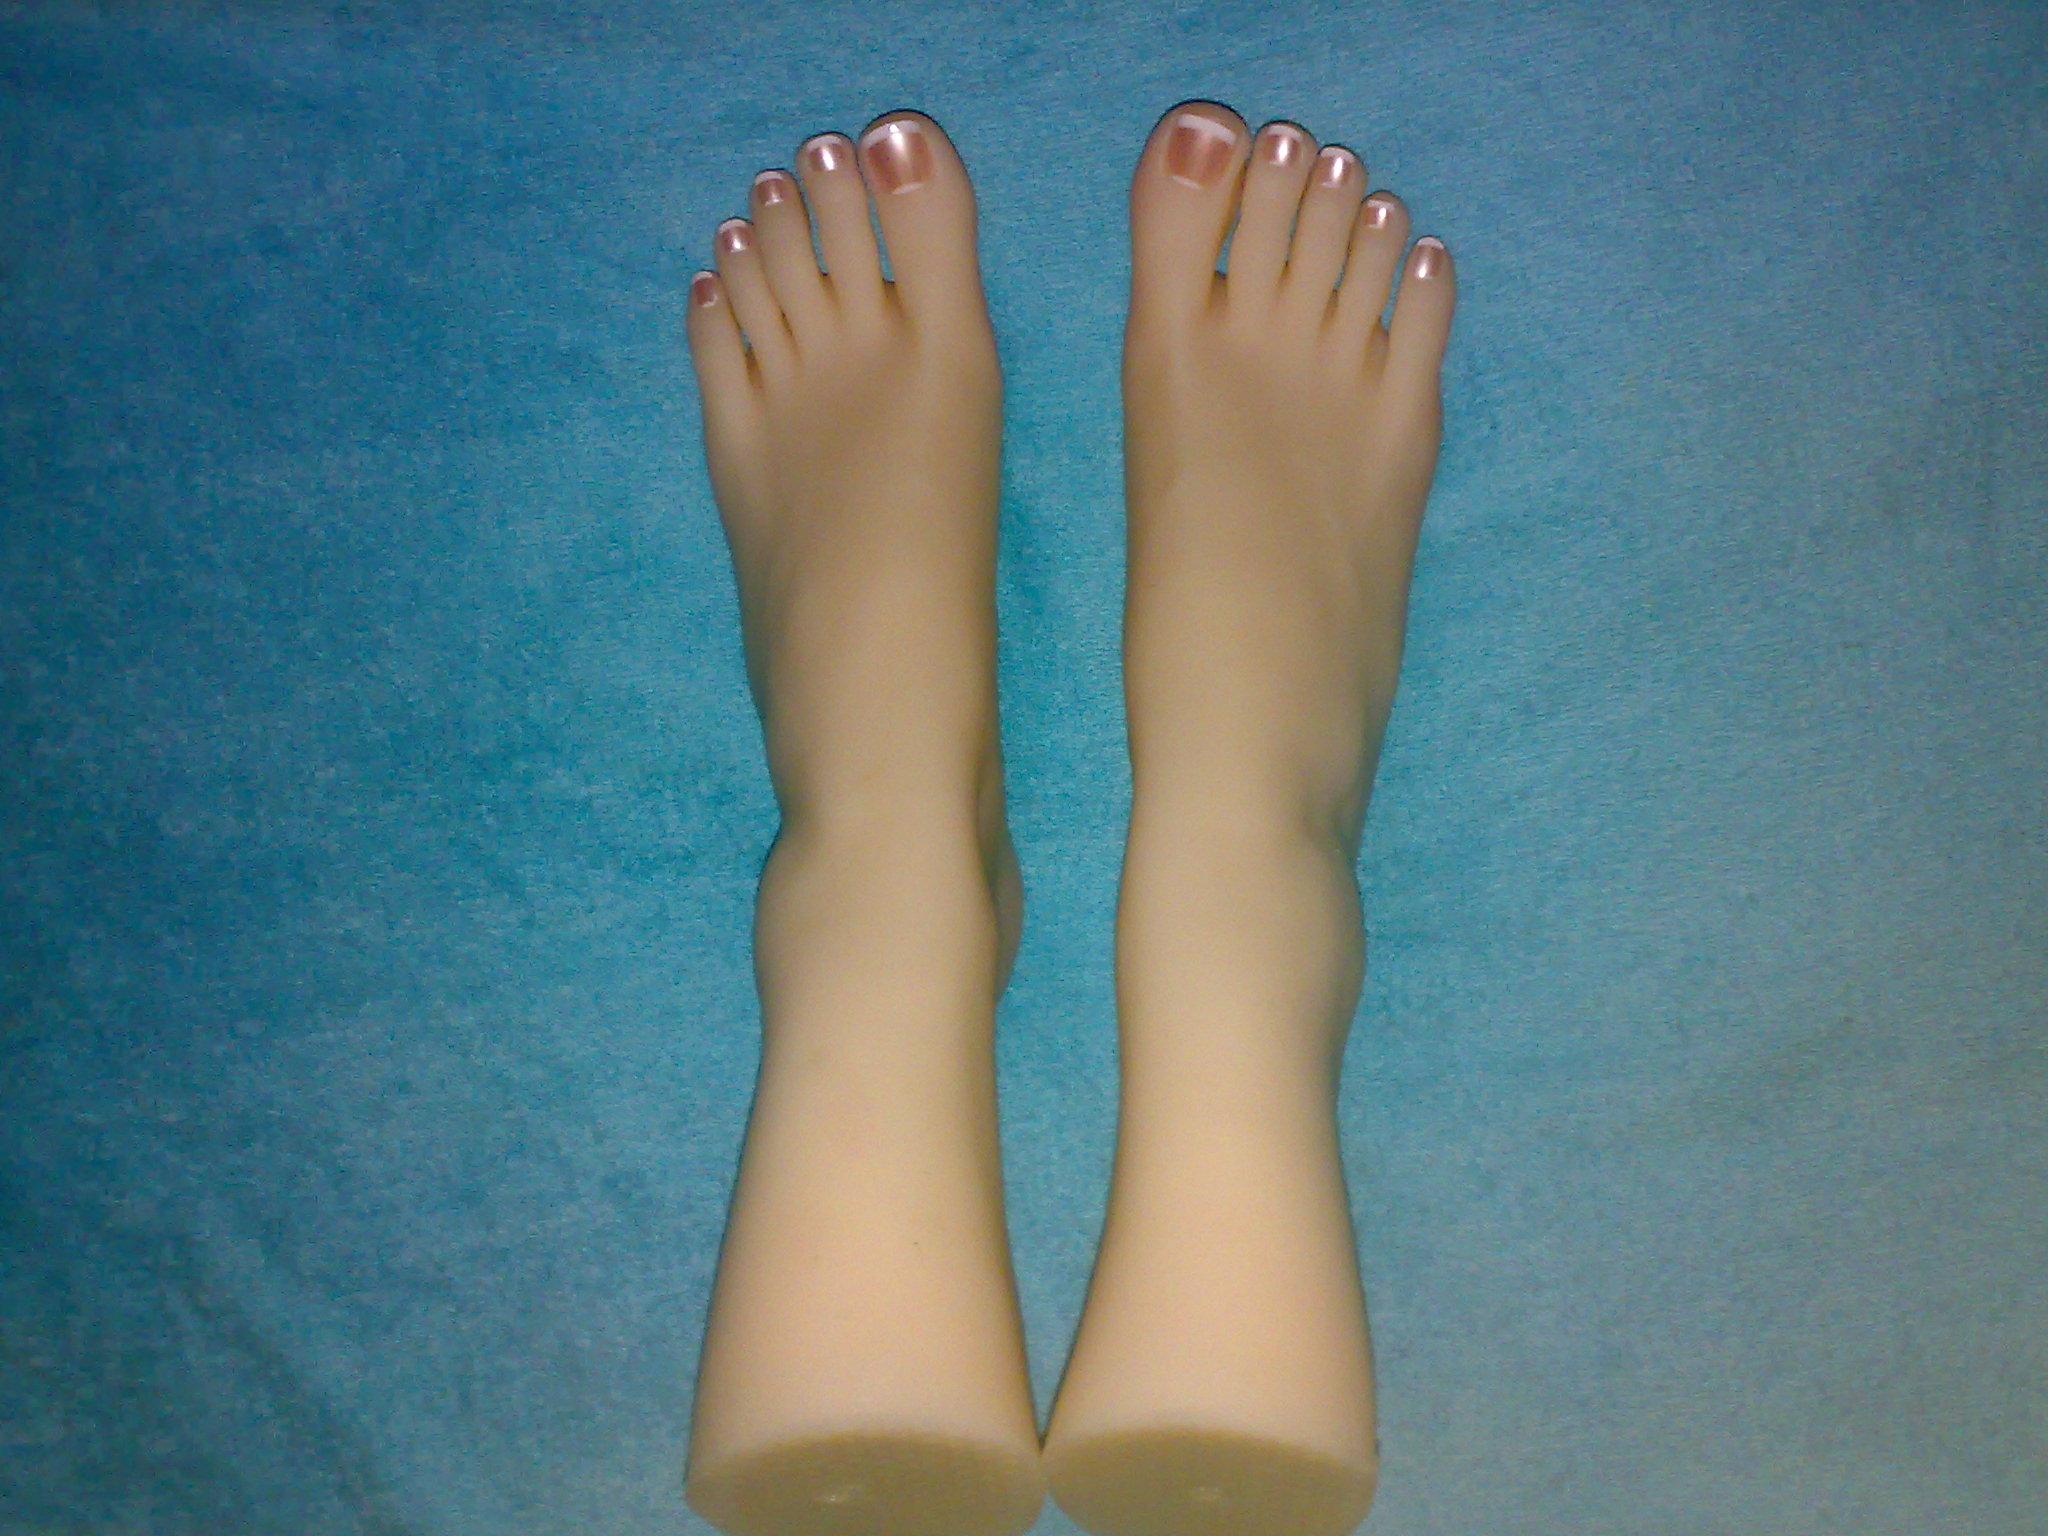 19岁少女美脚模型仿真足模脚模拍照玉足美足硅胶丝袜模型断脚女脚